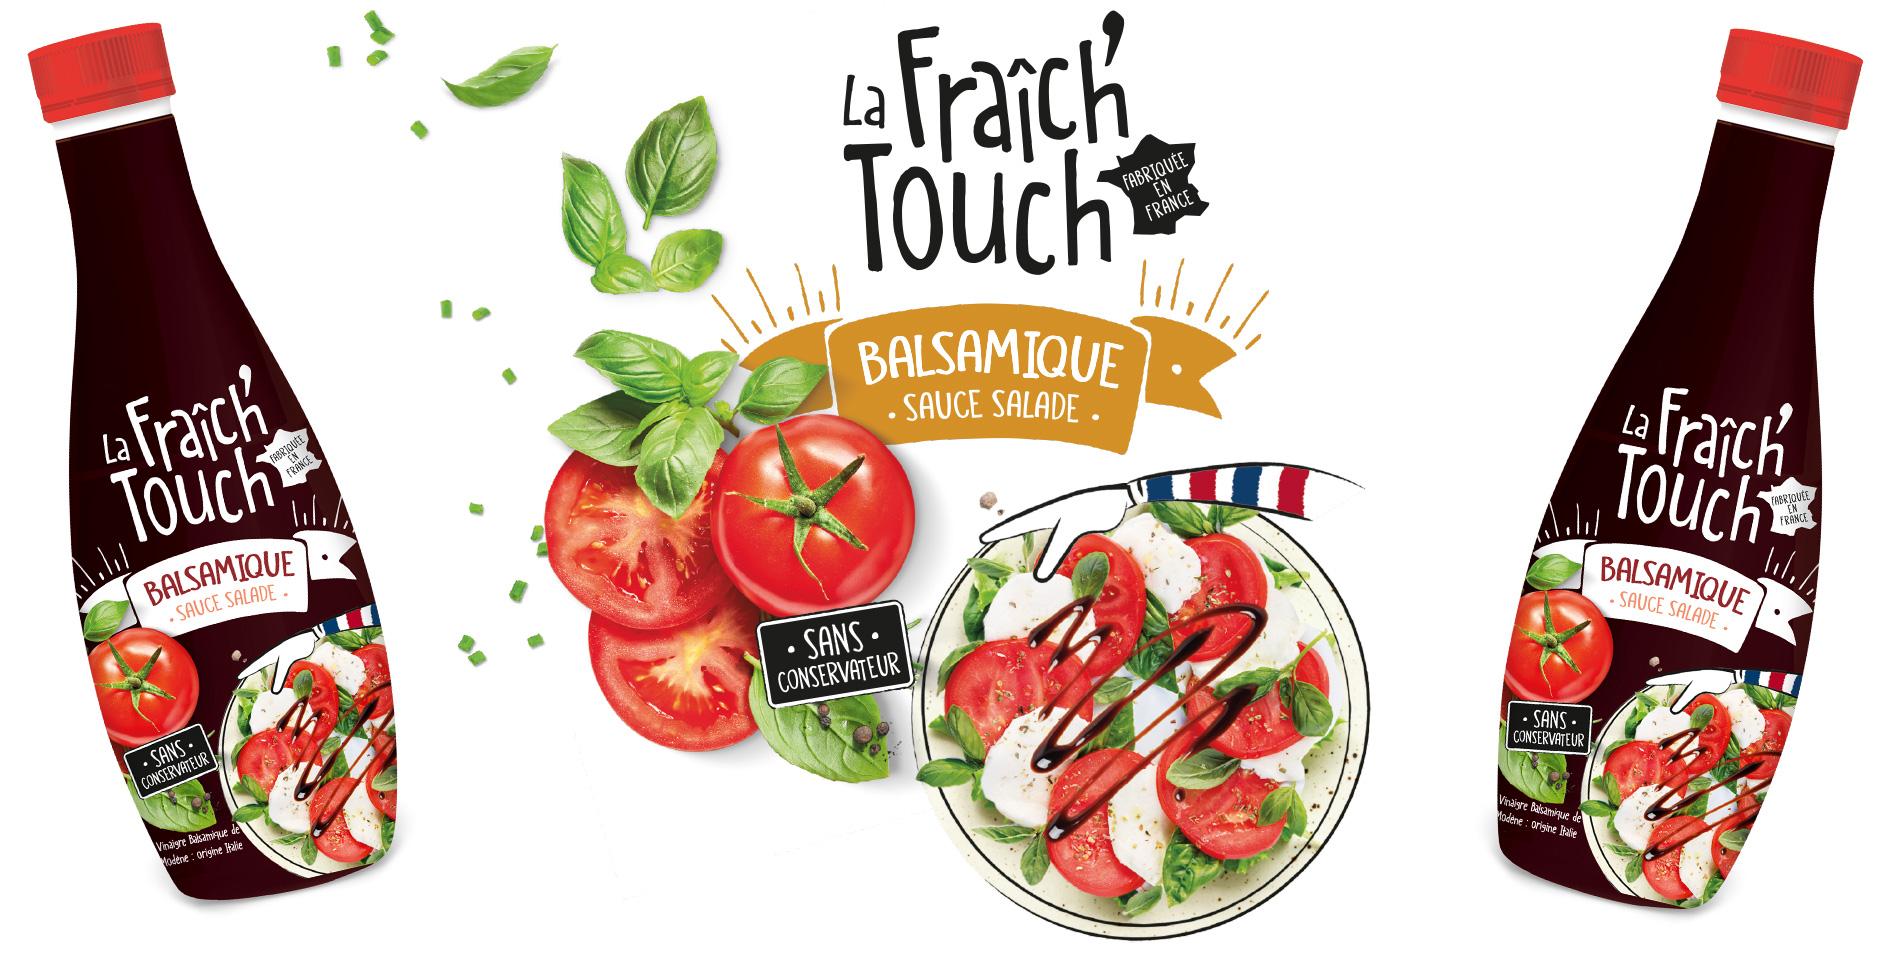 La Fraich'Touch sauce balsamique